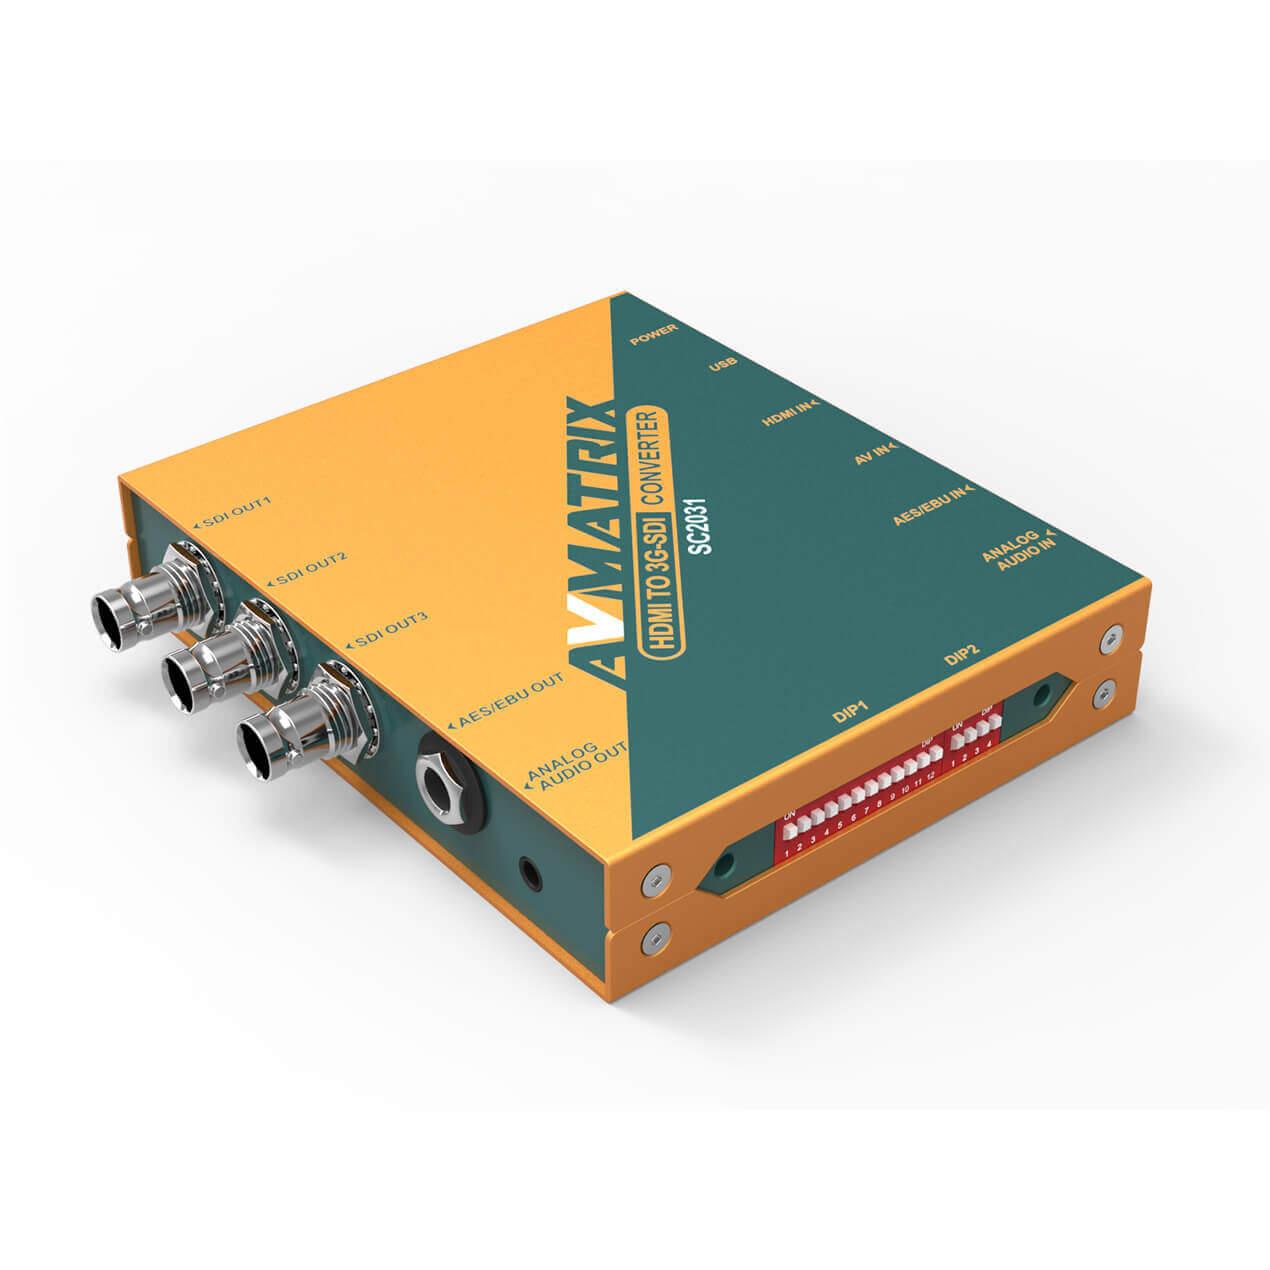 【2020.8月5日新発売】東通販取扱製品紹介 AVMATRIX社製 SC2031 HDMI/ビデオ to 3G-SDI スケーリングコンバーター 【AM-7】